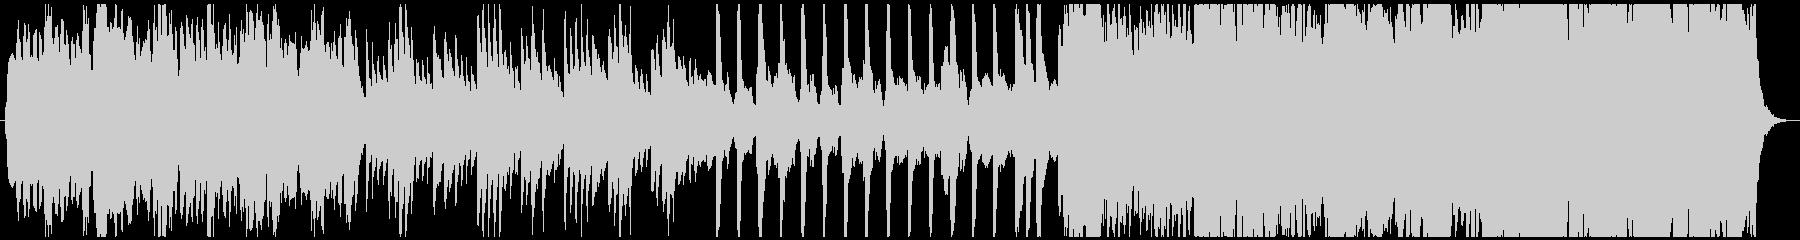 カルテットとピアノの優雅なクラシック曲の未再生の波形